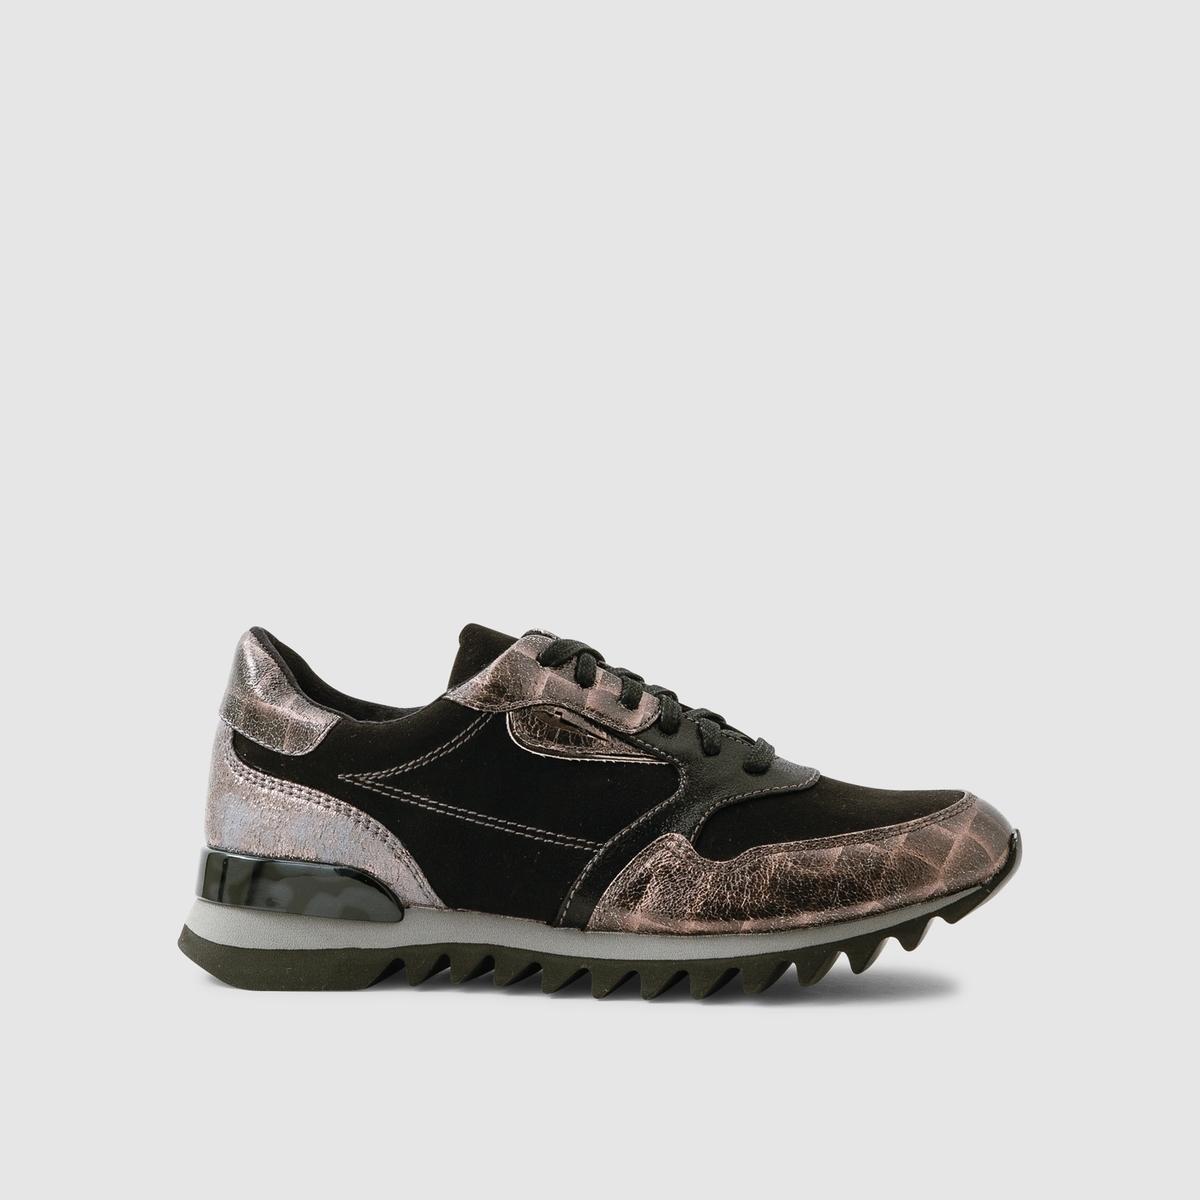 Кеды низкиеПодкладка : текстиль   Стелька : синтетика   Подошва : синтетика   Высота каблука : 2,5 см   Марка : TAMARIS<br><br>Цвет: черный